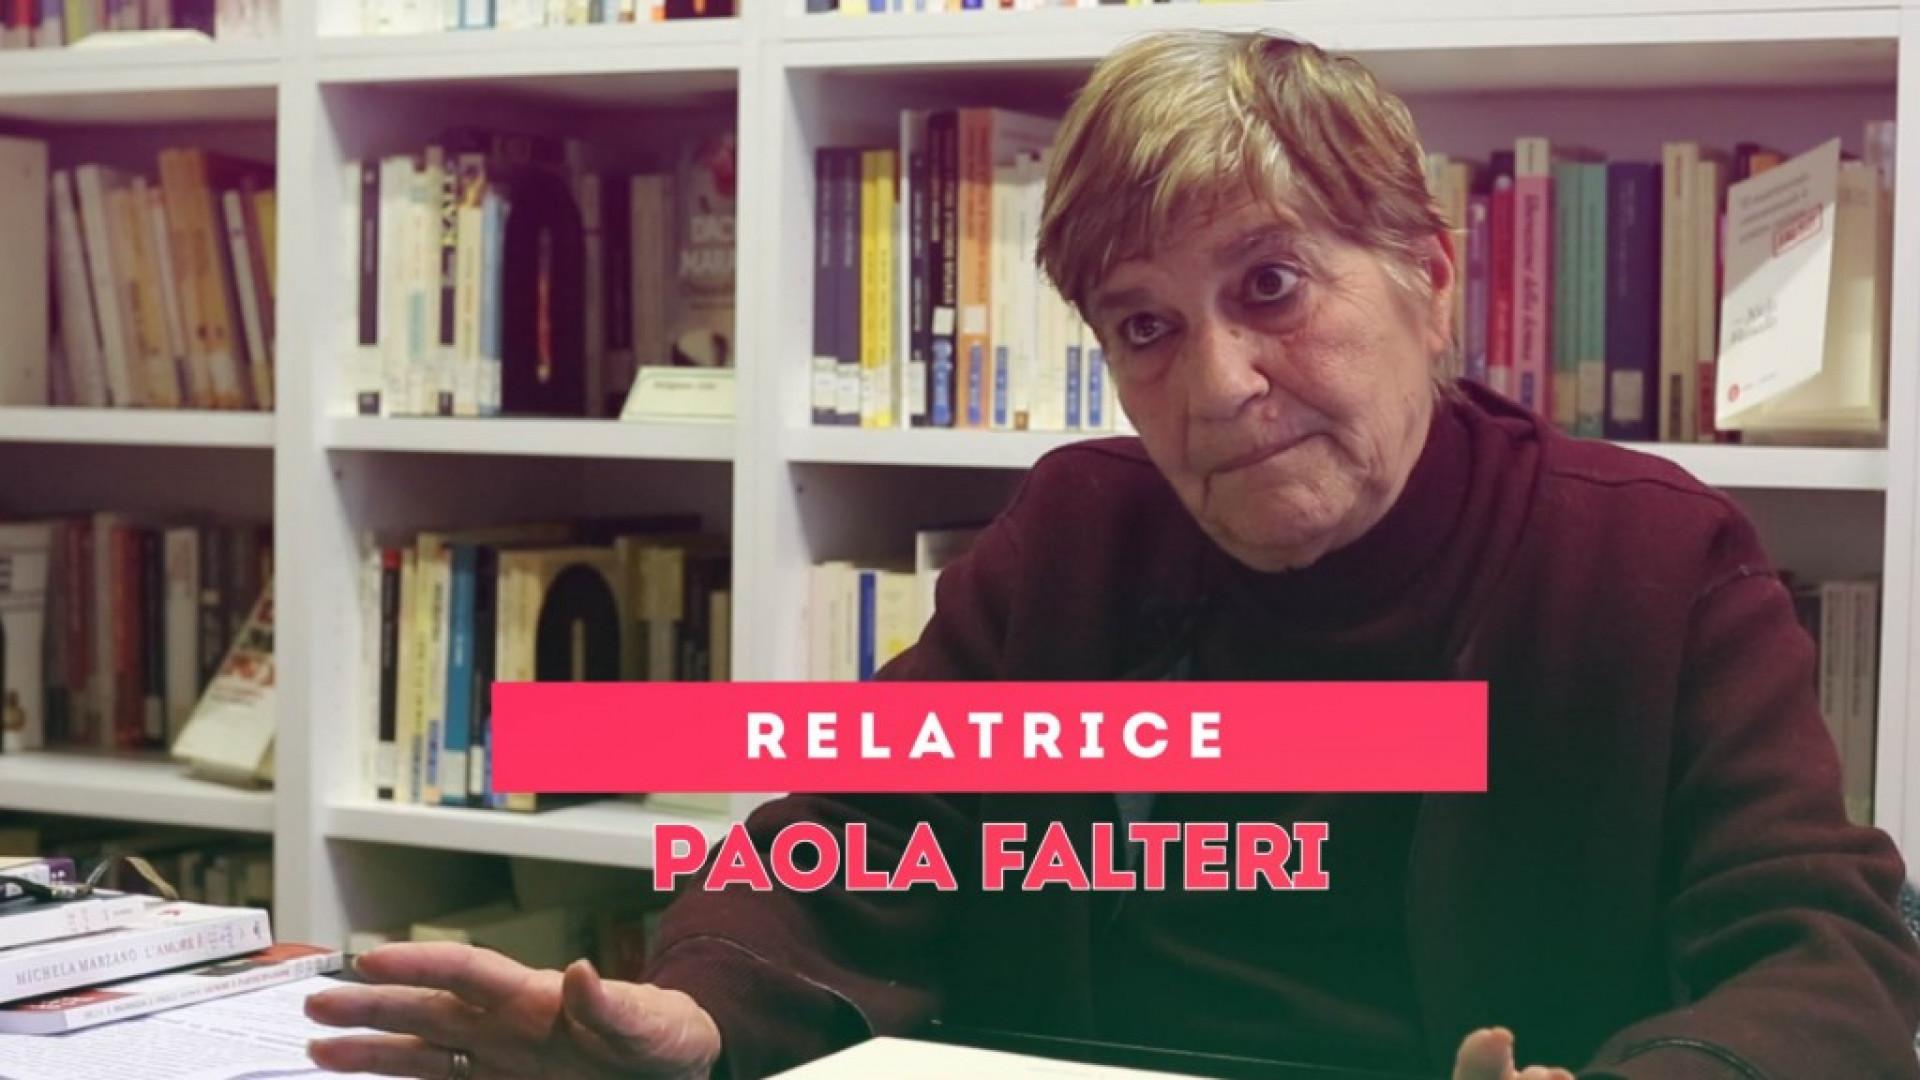 Paola Falteri